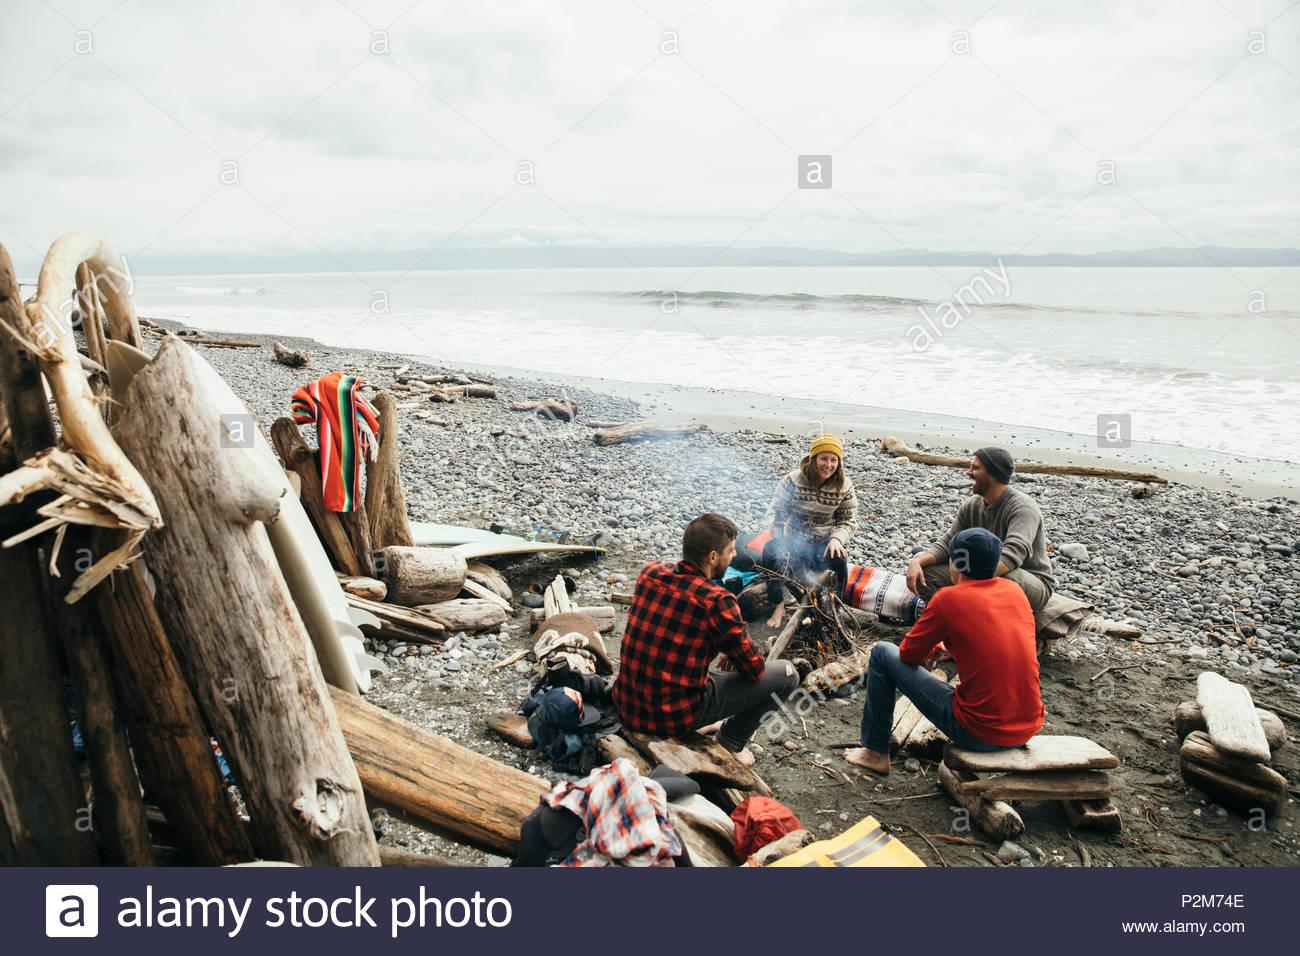 Amigos, disfrutando de una escapada de fin de semana de surf, relajándose en una fogata en la playa resistente Imagen De Stock